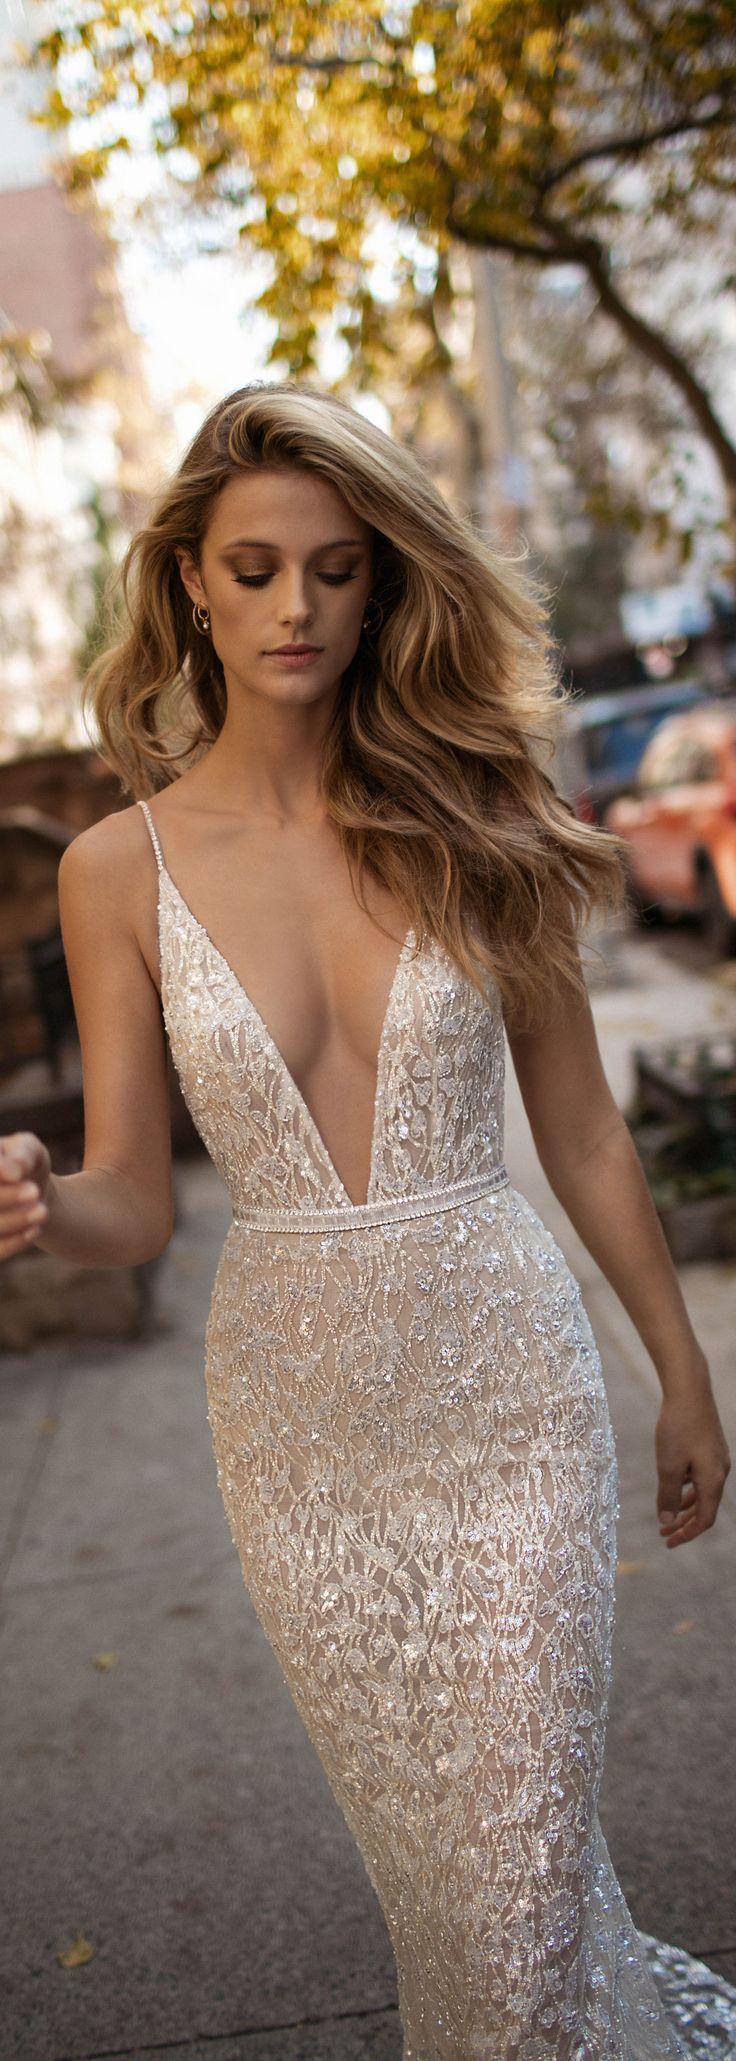 Vestido que puedes usar para una gala. Escotado en la parte de en frente y largo.